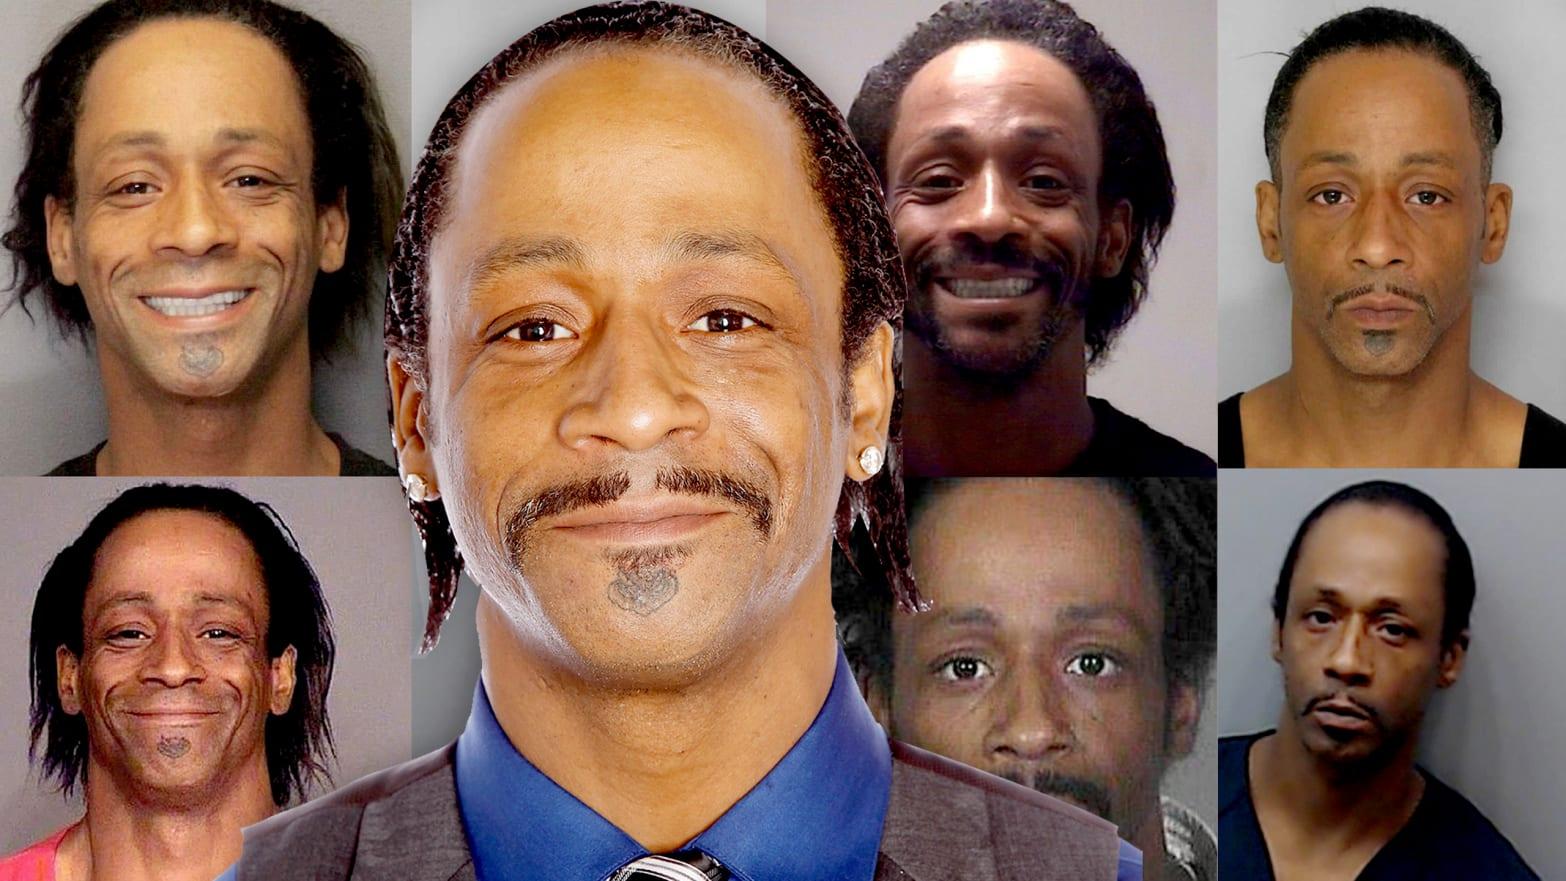 Atlanta' Season 2 Tries to Redeem Serial Abuser Katt Williams